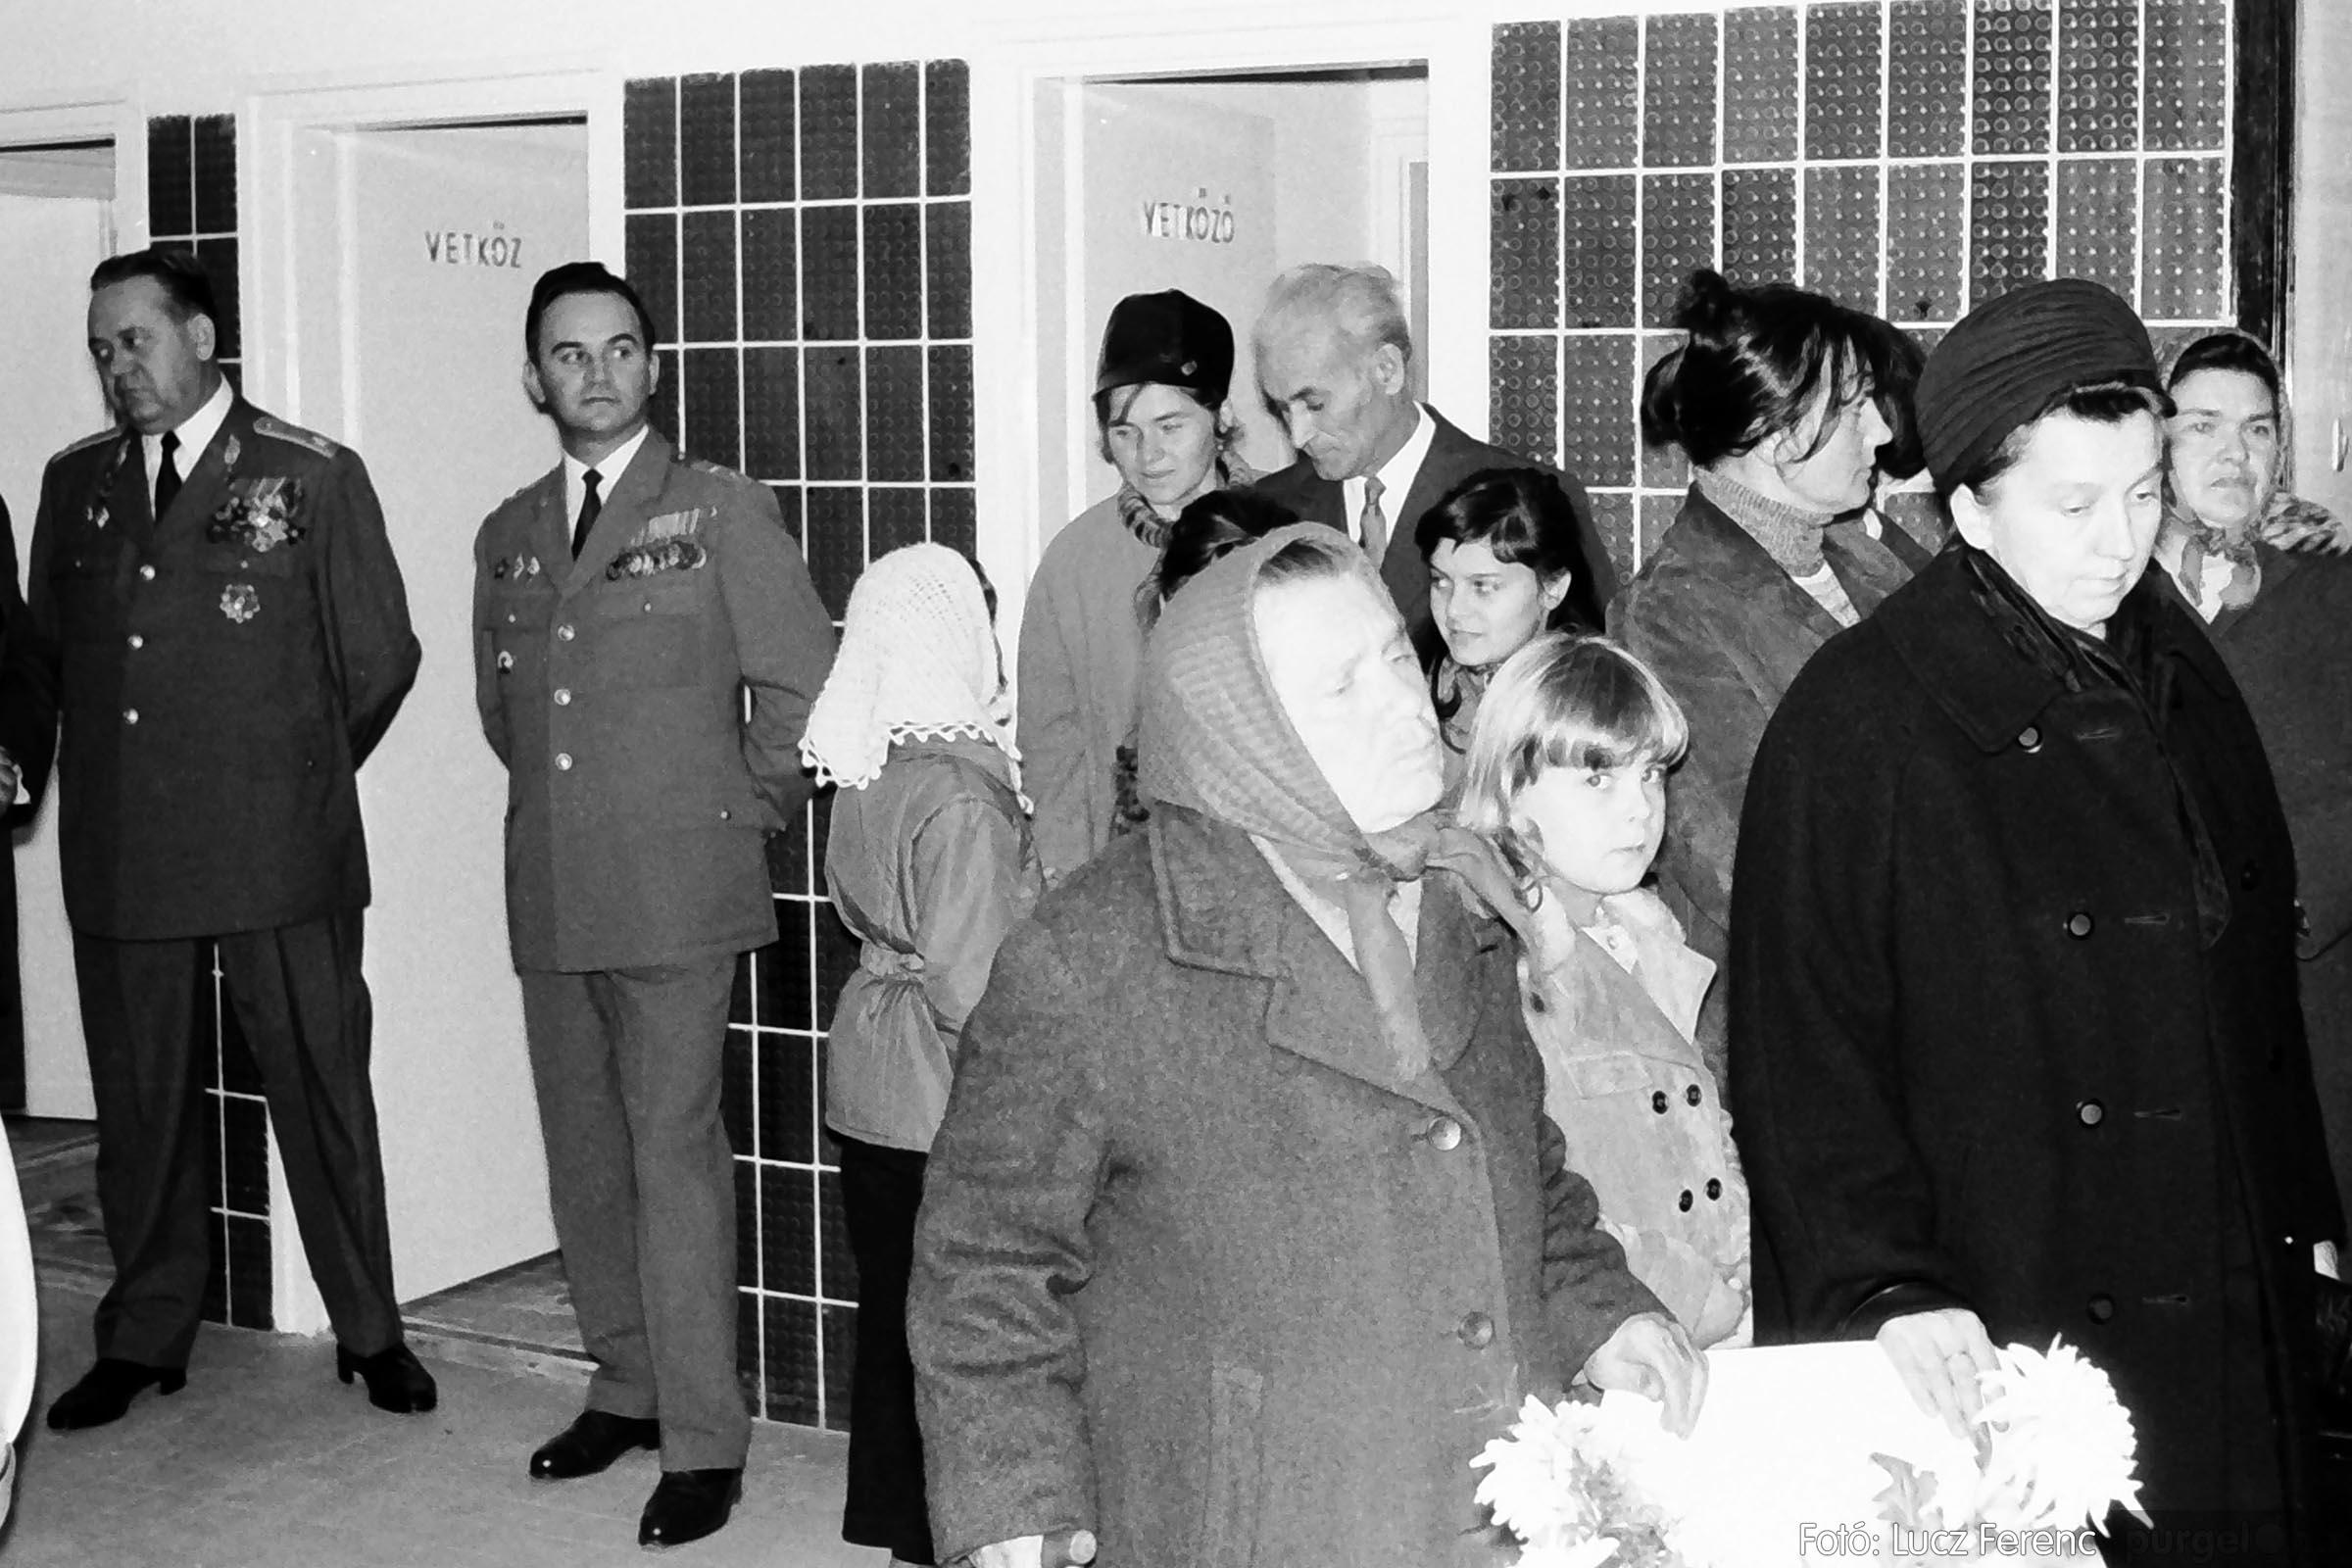 002 1970-es évek - Orvosi rendelő épületének átadása 011 - Fotó: Lucz Ferenc - IMG01109q.jpg